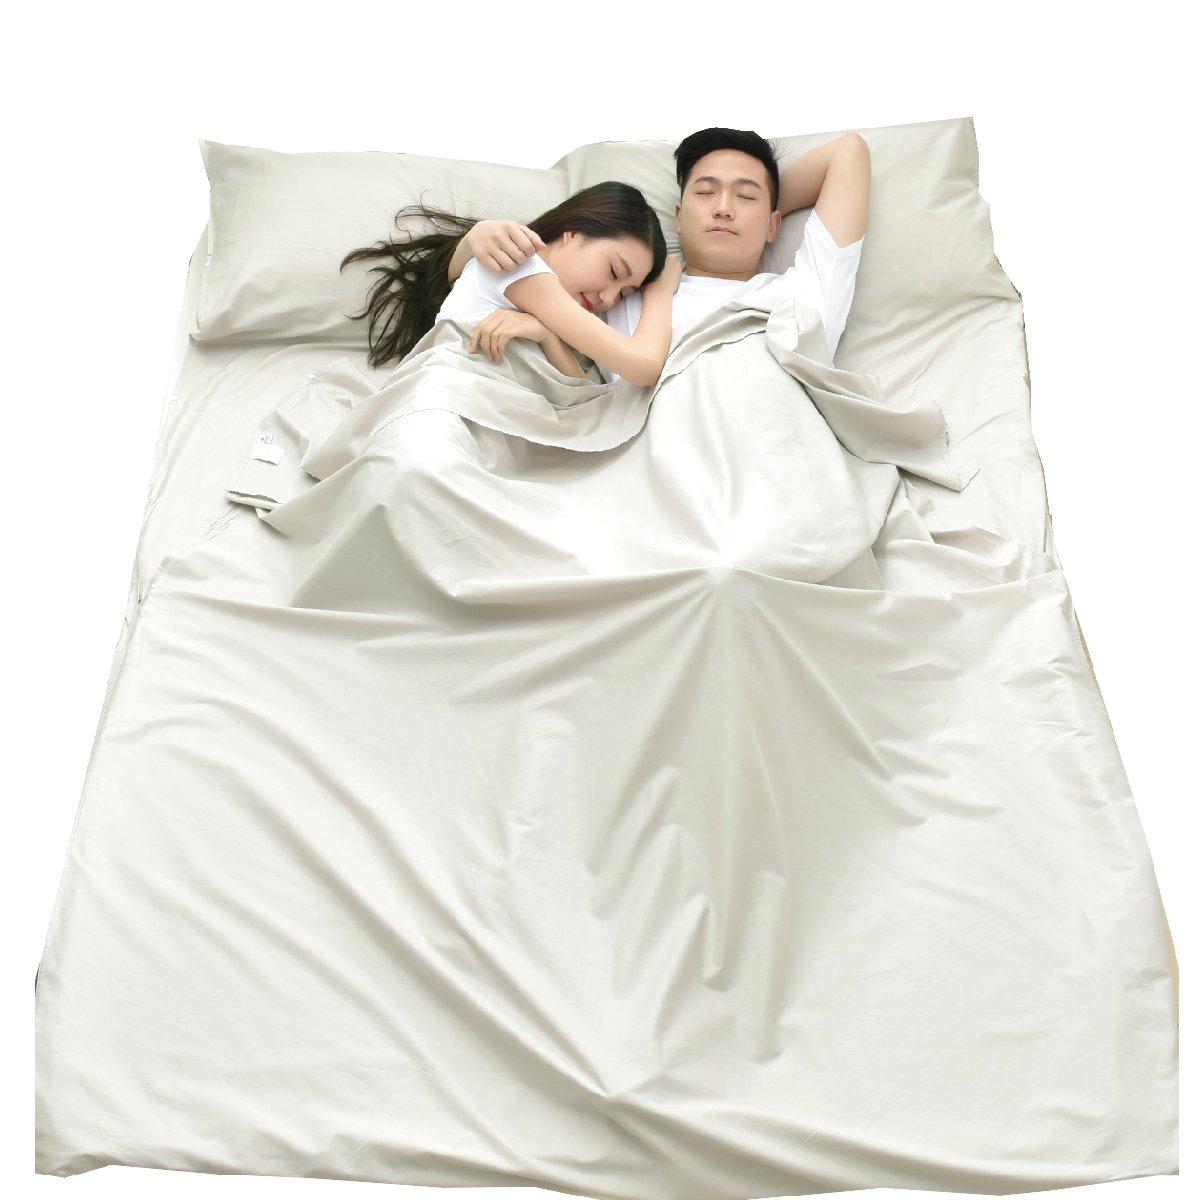 TRIWONDER Sleeping Bag Liner Cotton Travel Hoja de Camping Sleep Sack Cómodo para Viajes Albergues Juveniles Al aire libre Picnic Aviones Trenes